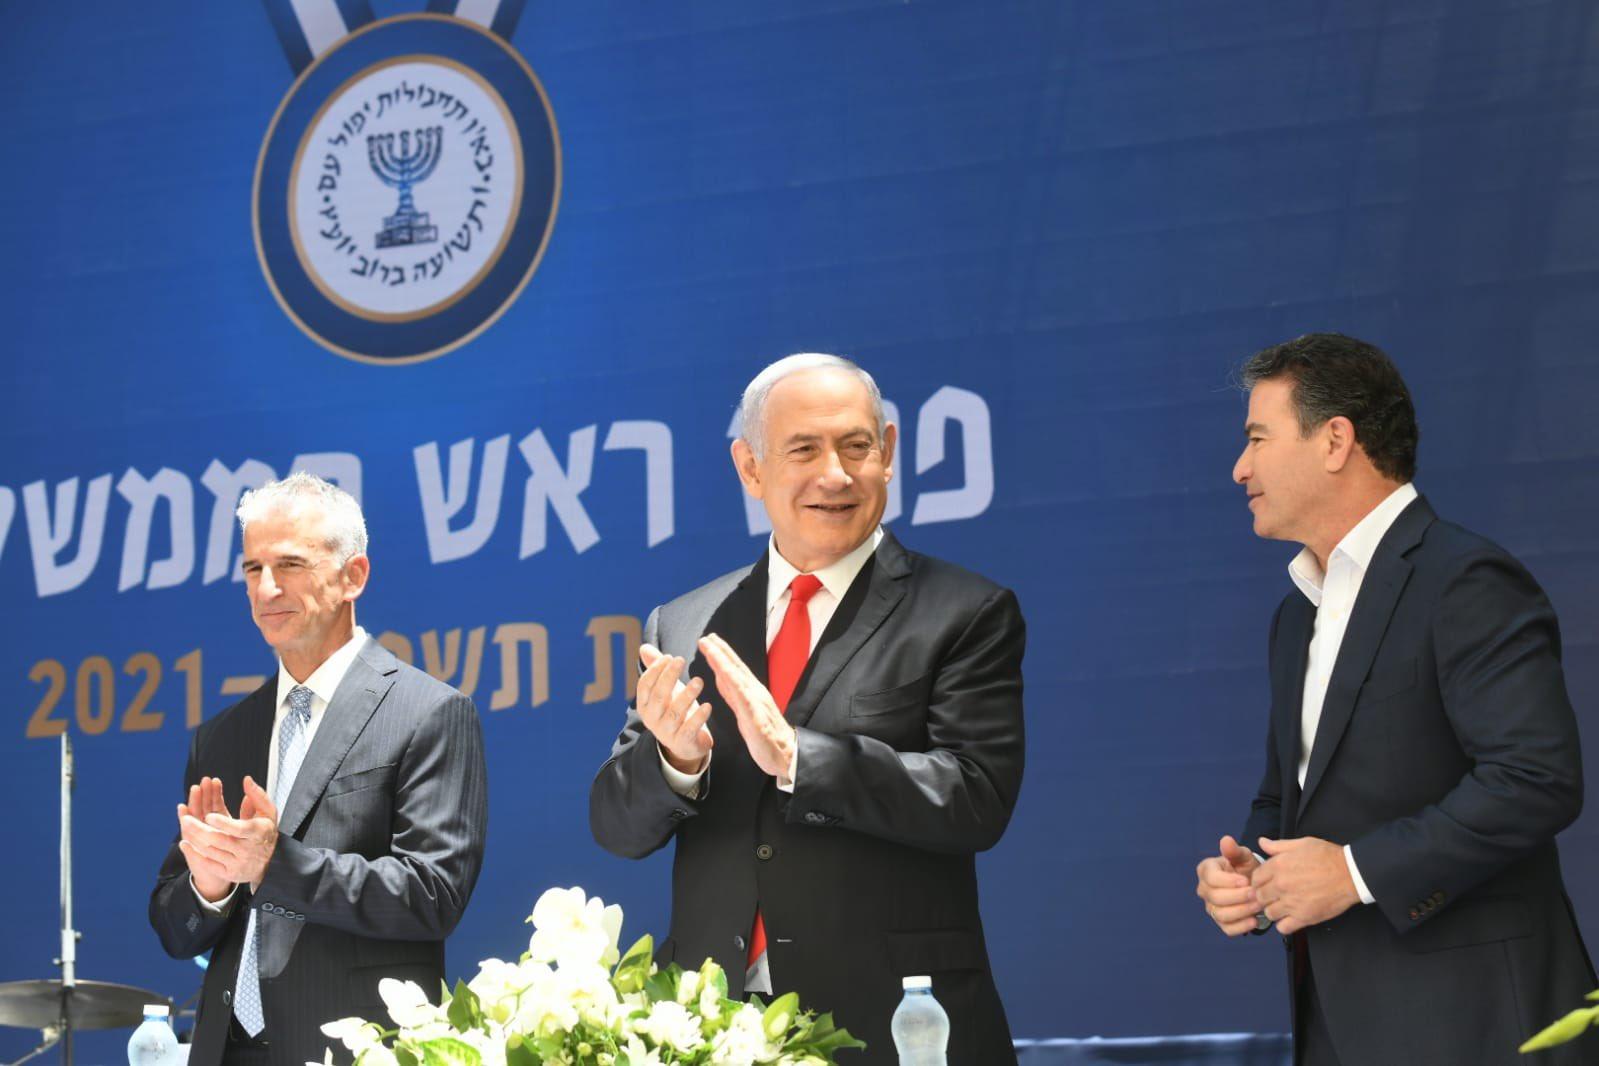 以色列,他是內塔尼亞胡任命的摩薩德新任負責人